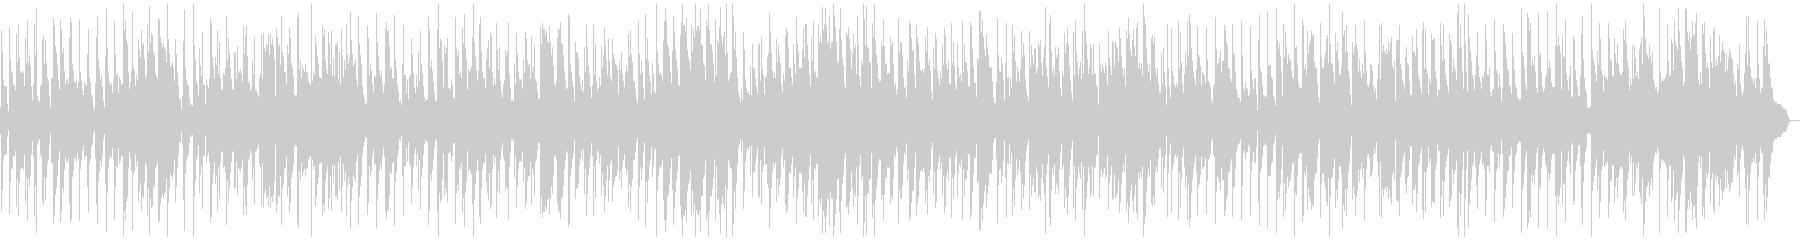 トランペットがムーディなボサノバBGMの未再生の波形